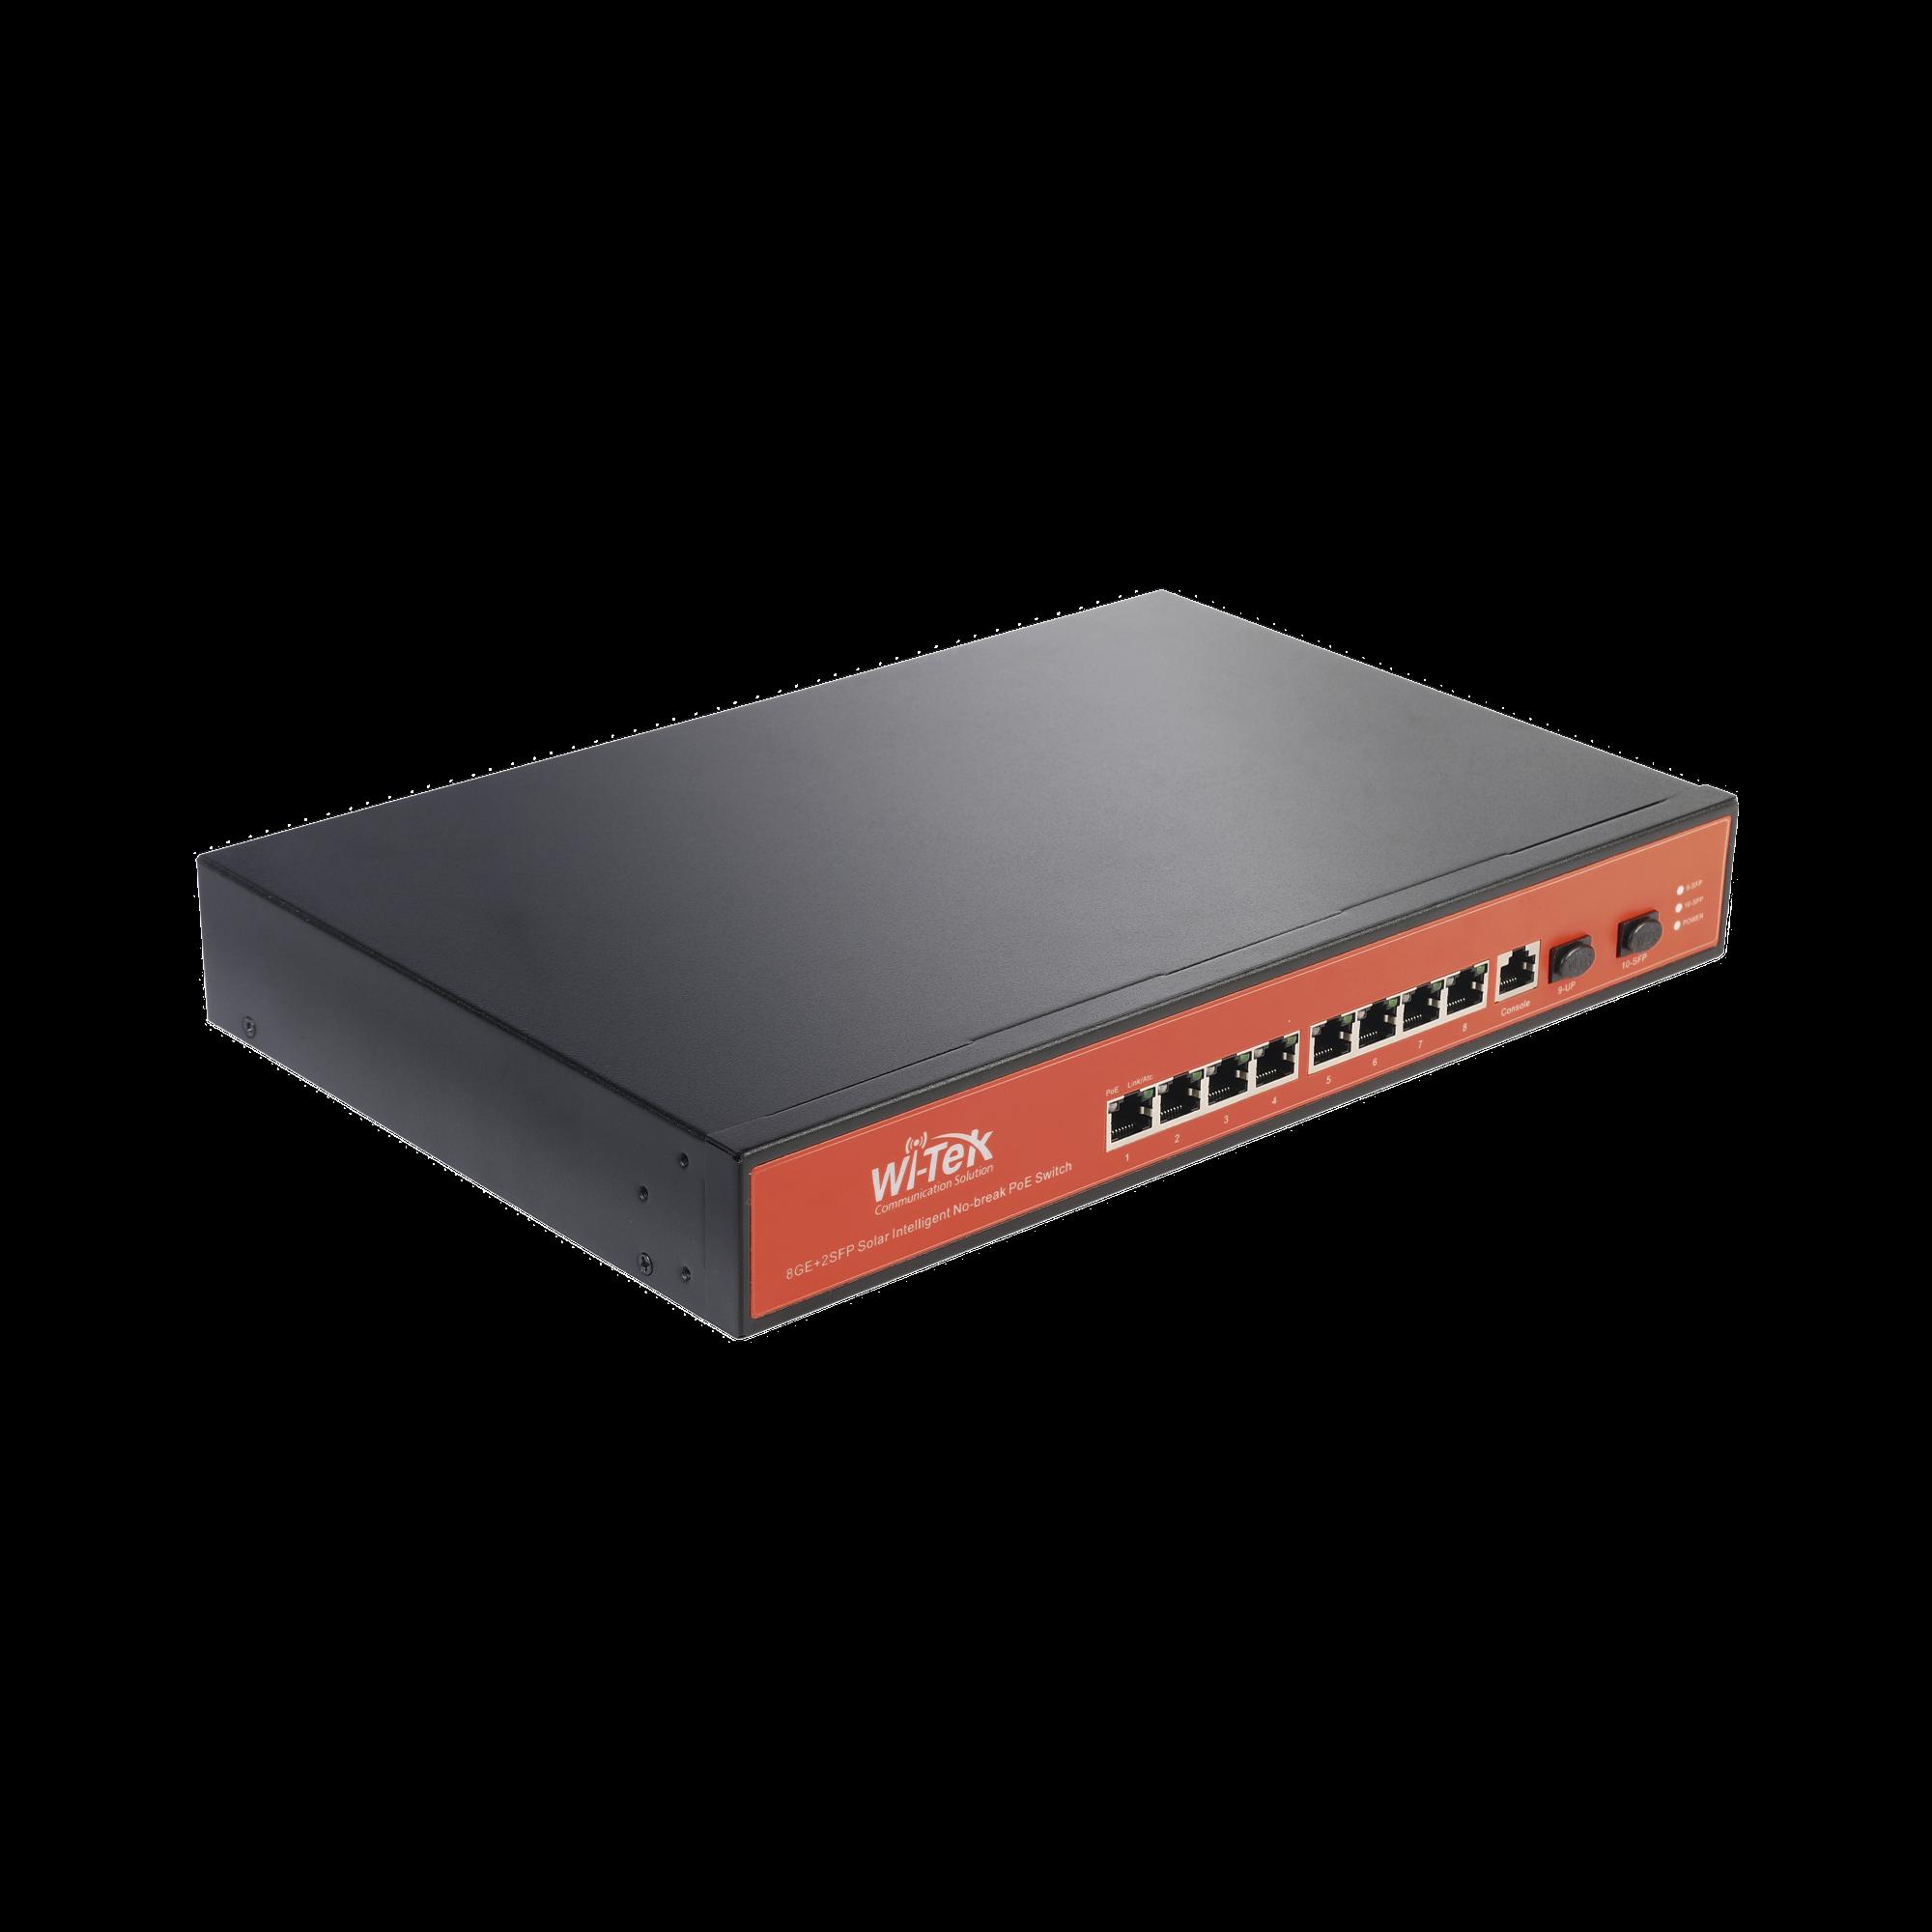 Switch Administrable Capa 2 de 8 puertos 10/100/1000 PoE + 2 x SFP Gigabit, con respaldo para energía solar